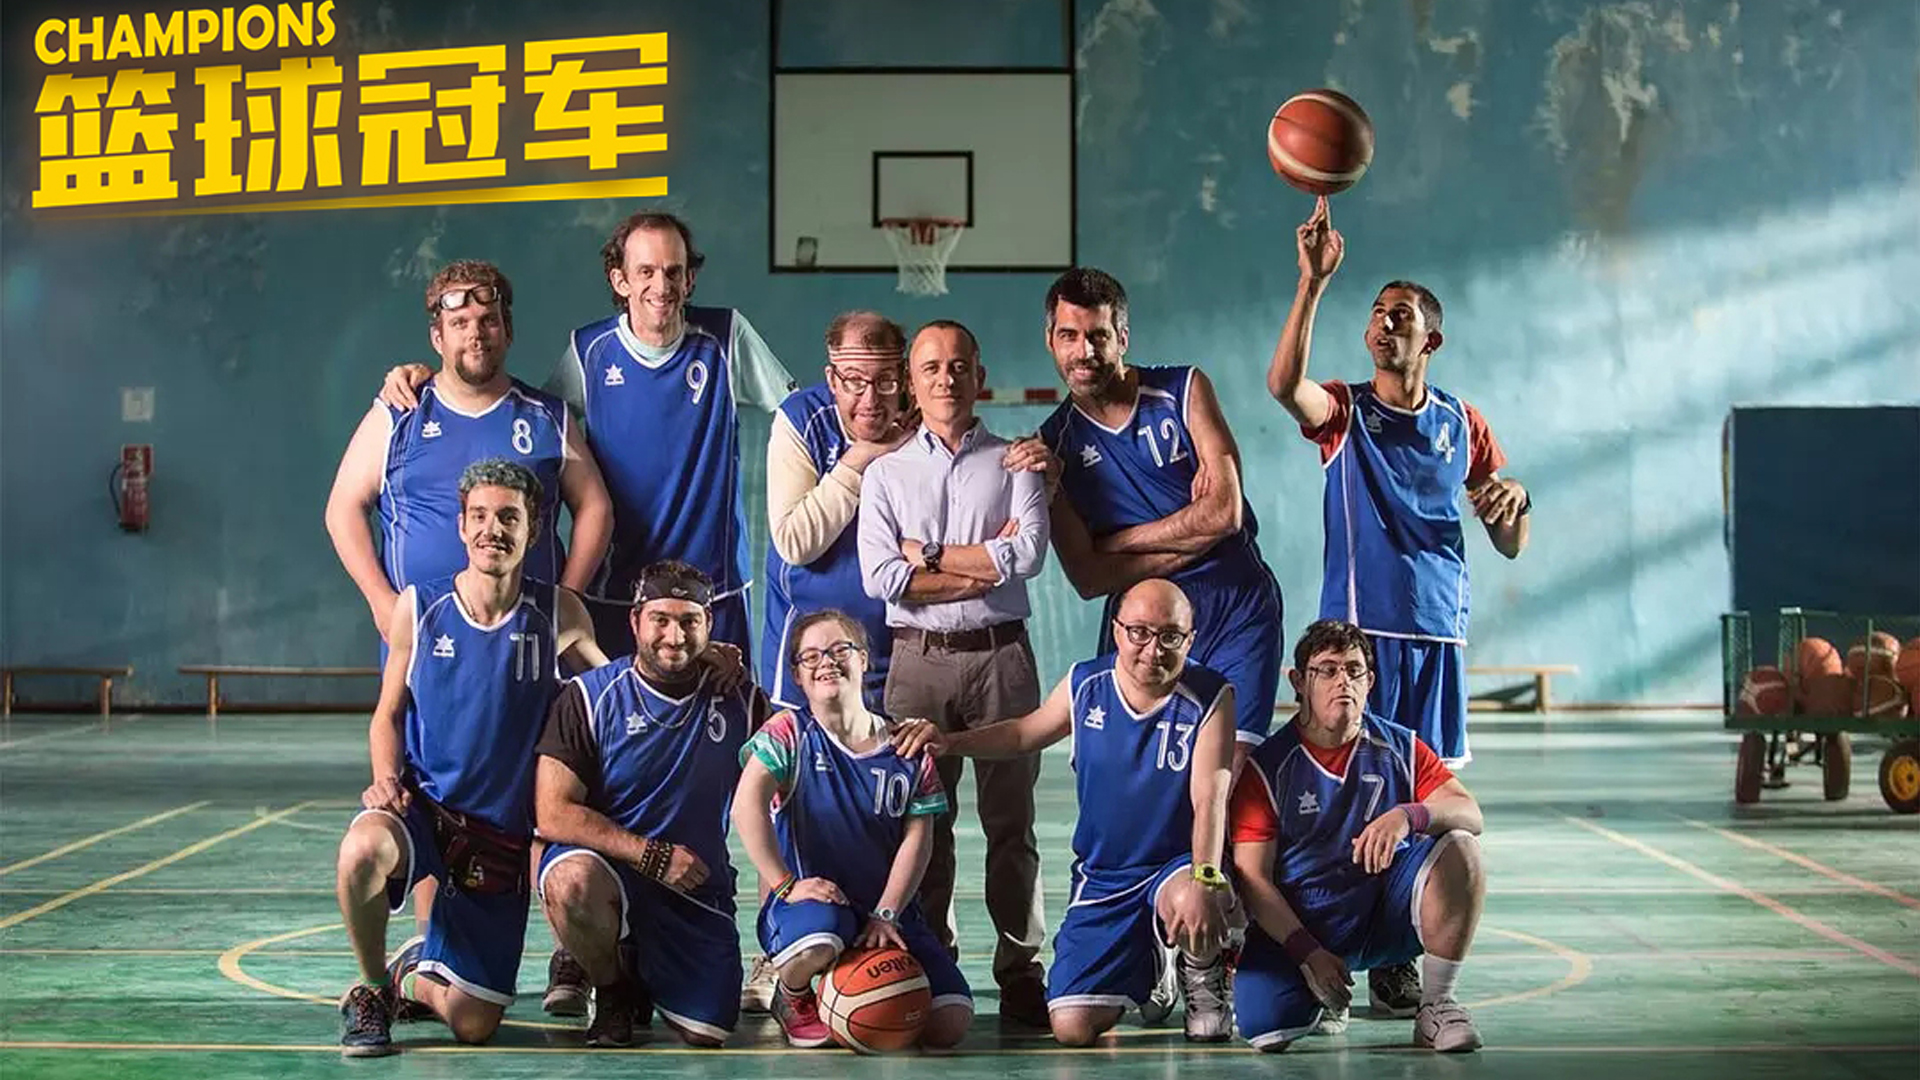 nba篮球网页游戏_篮球冠军(普通话版)_电影_高清1080P在线观看平台_腾讯视频